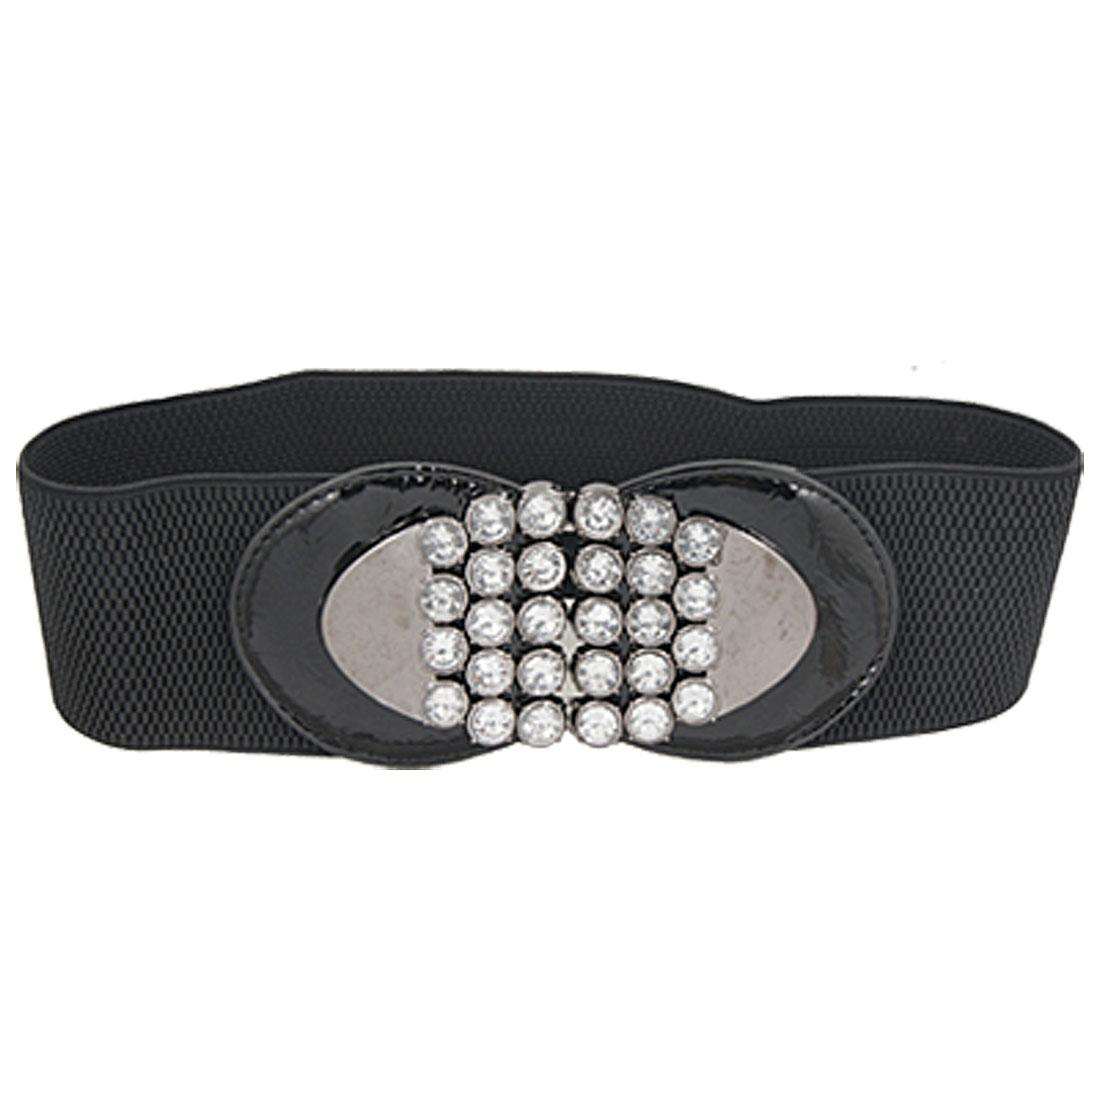 Ladies Rhinestone Inlaid Oval Interlock Buckle Black Elastic High Waist Belt